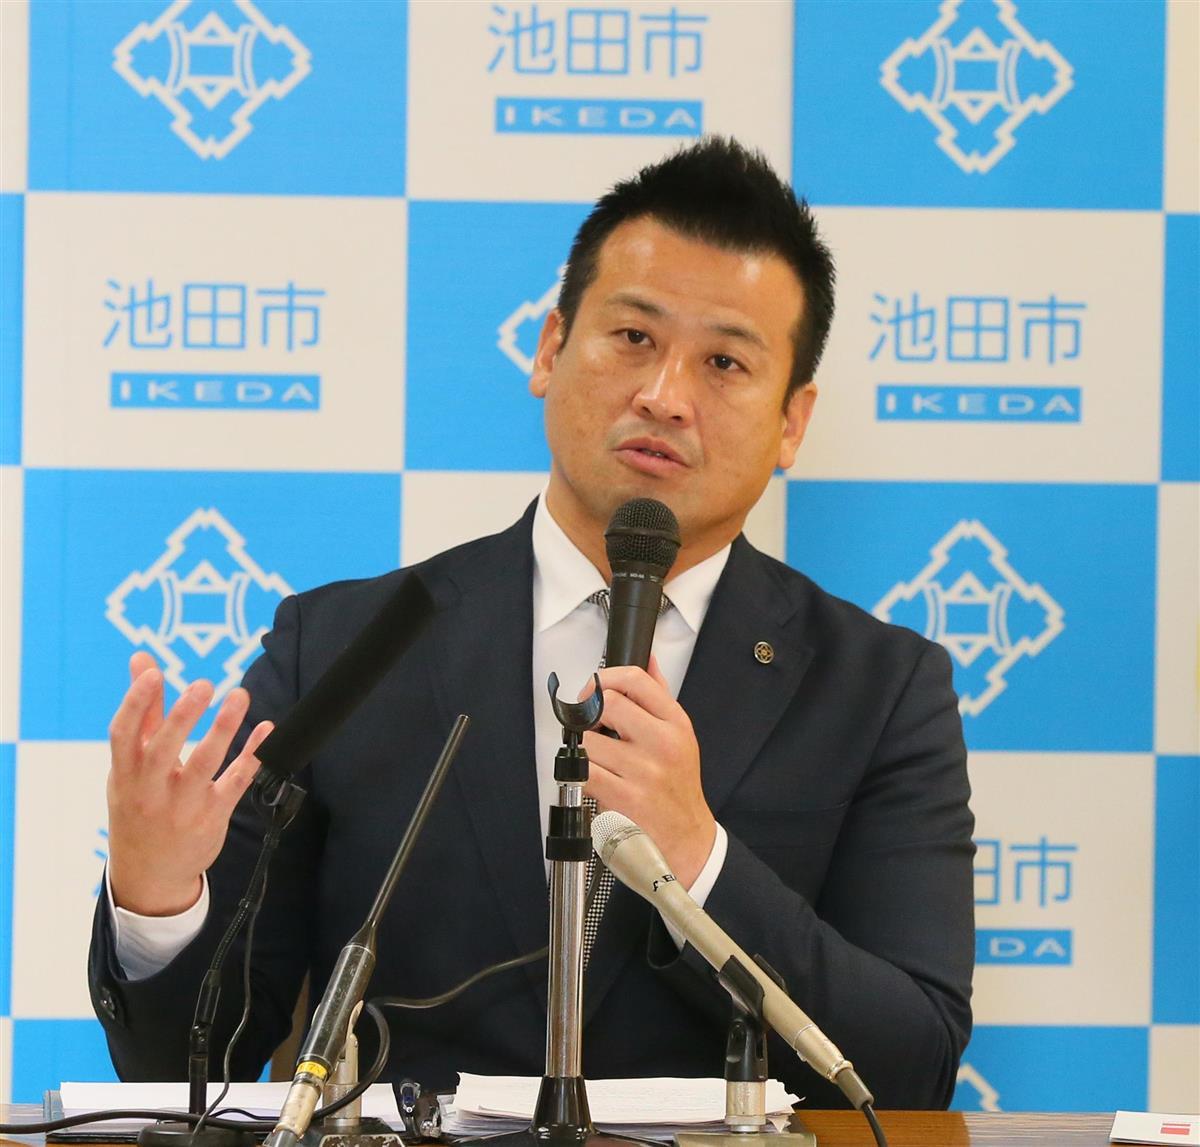 サウナ問題で百条委が大阪府池田市長を証人喚問 エアロバイクも…